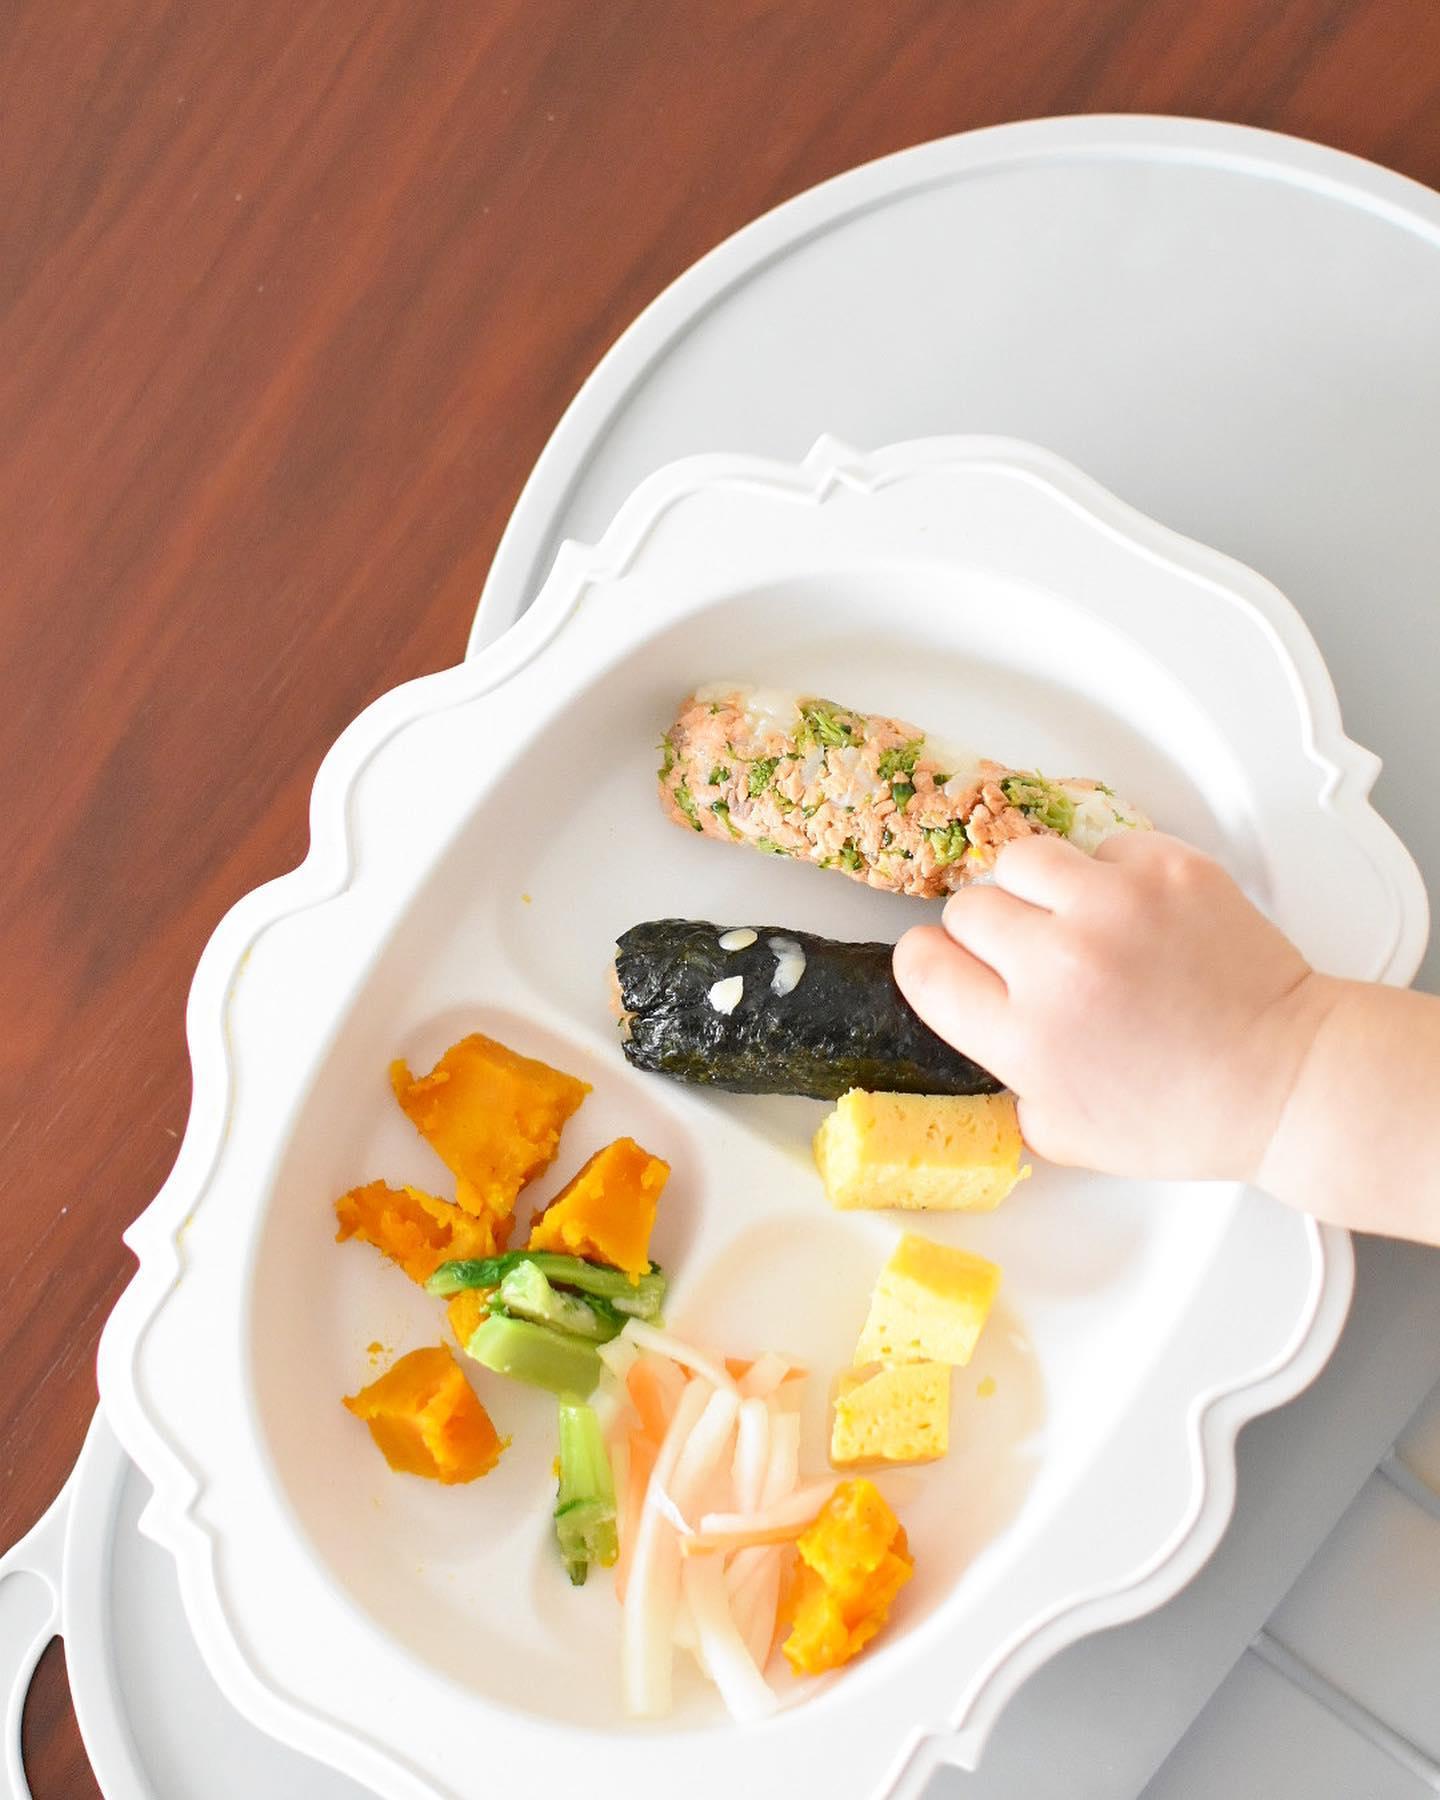 口コミ投稿:息子のお昼ごはん大好きな南瓜の煮付けとおなますは毎日!おなます大好きみたいで…